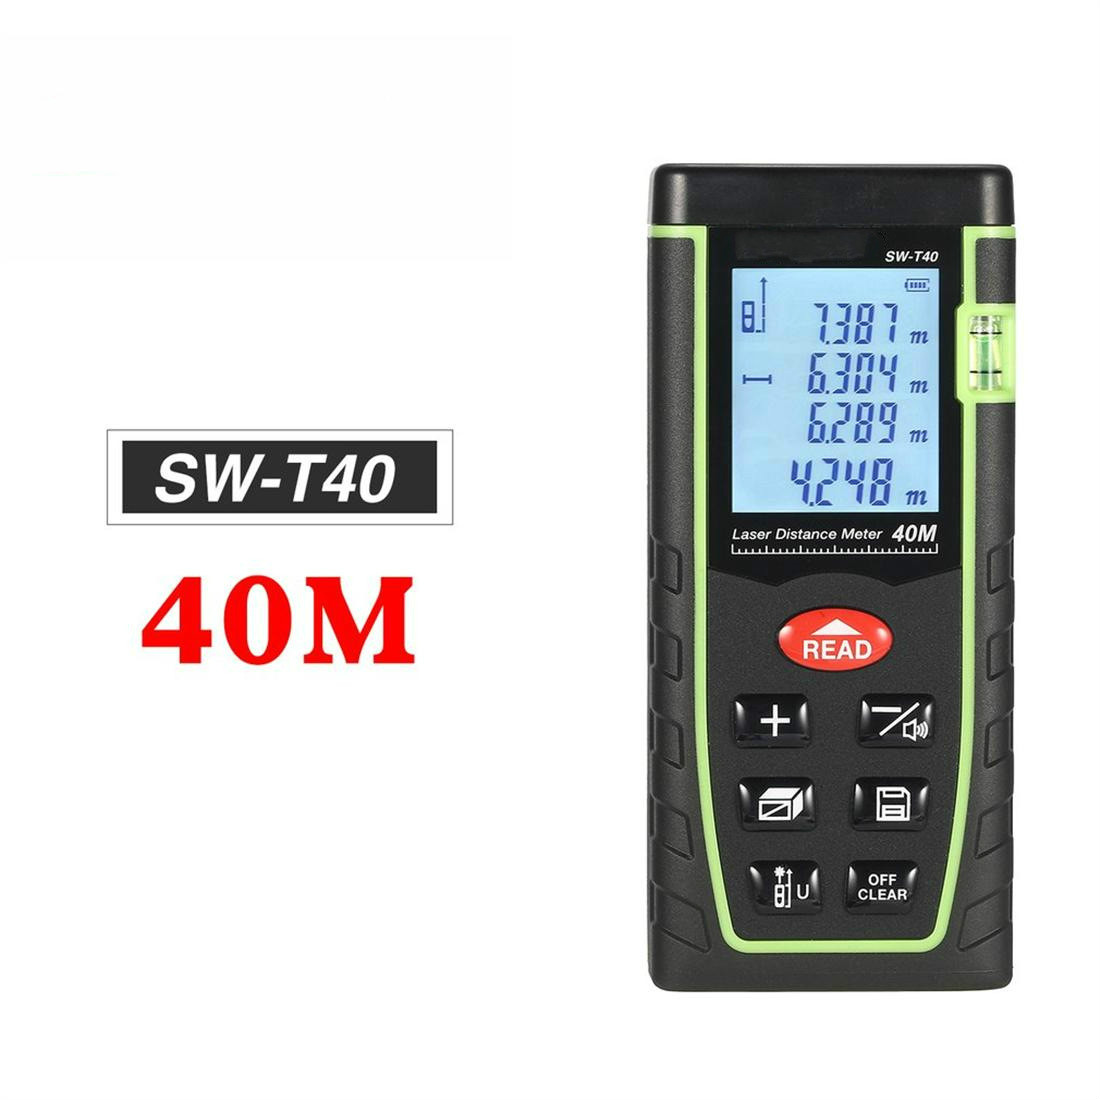 40 M mètre de Distance Laser portatif télémètre Trena Laser ruban télémètre construire mesure dispositif règle outil de Test